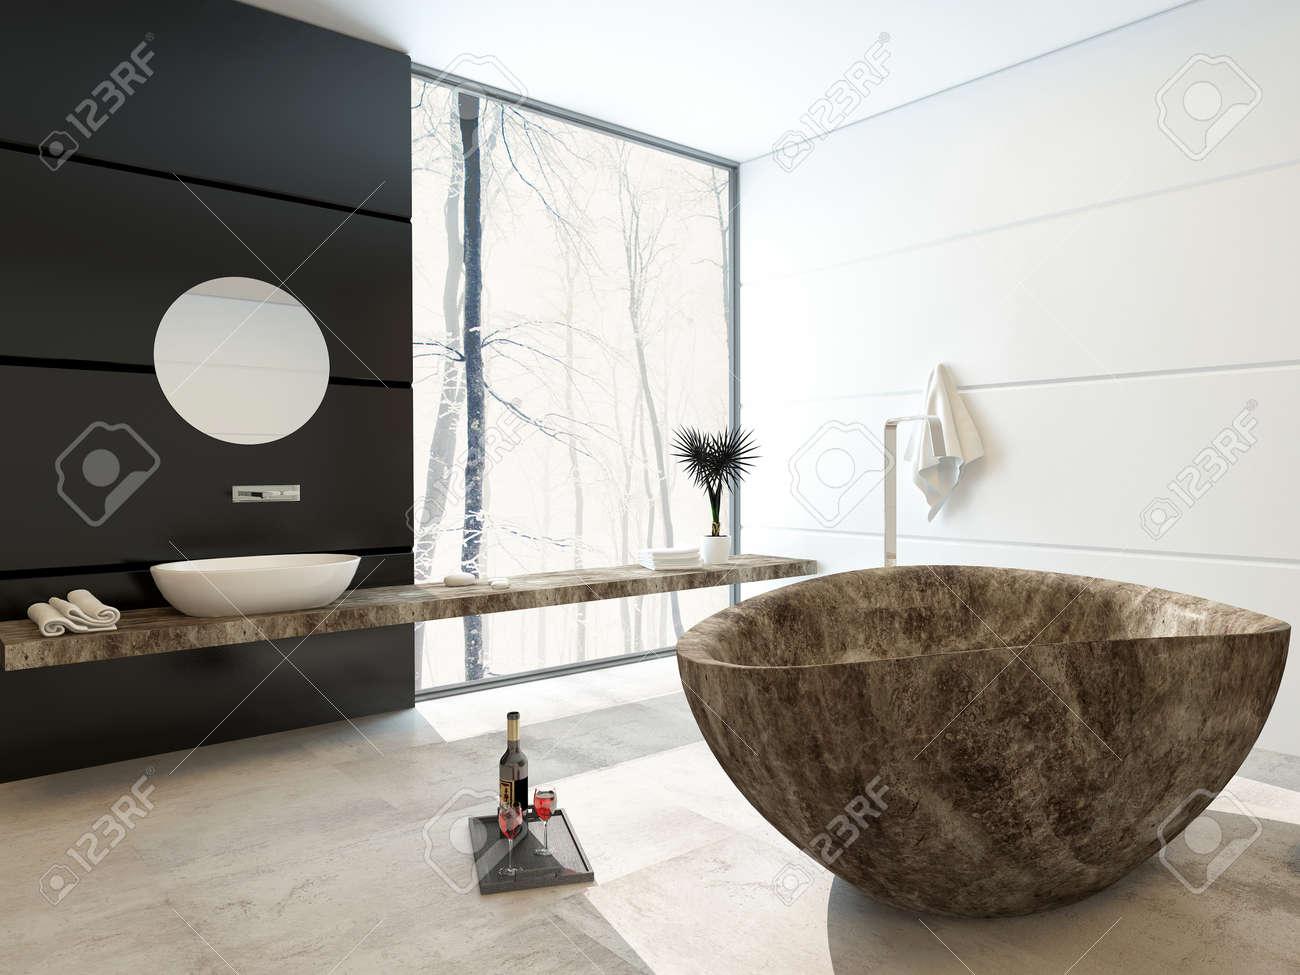 baignoire en marbre moderne dans une salle de bains de luxe avec un